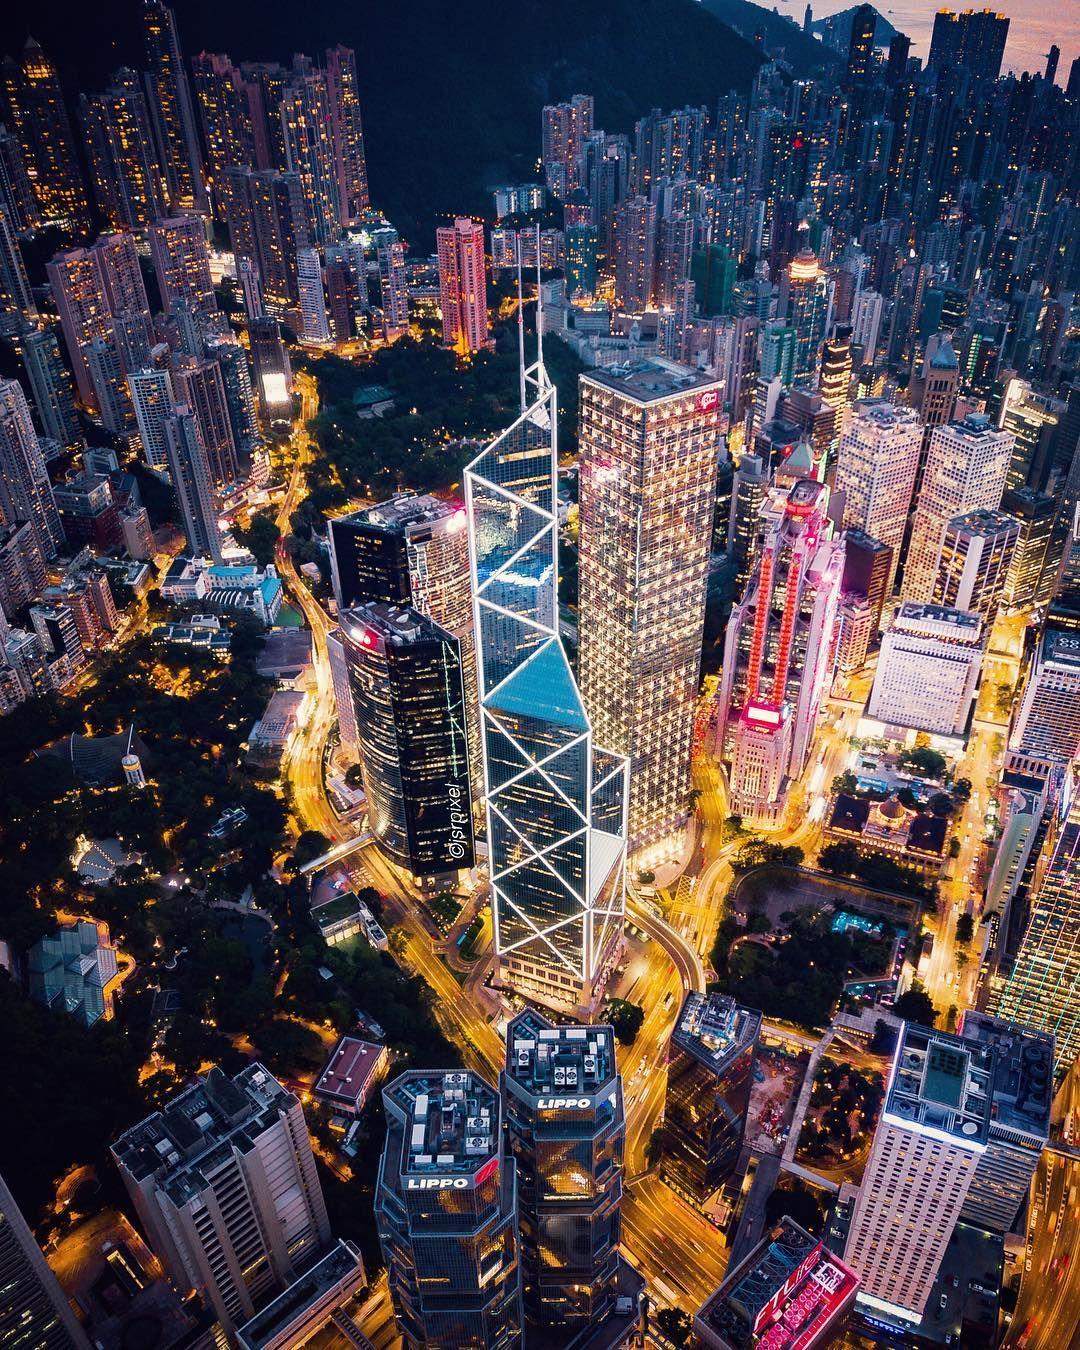 Night Lights From Above In Hong Kong Hong Kong Photography Hong Kong Night Hong Kong